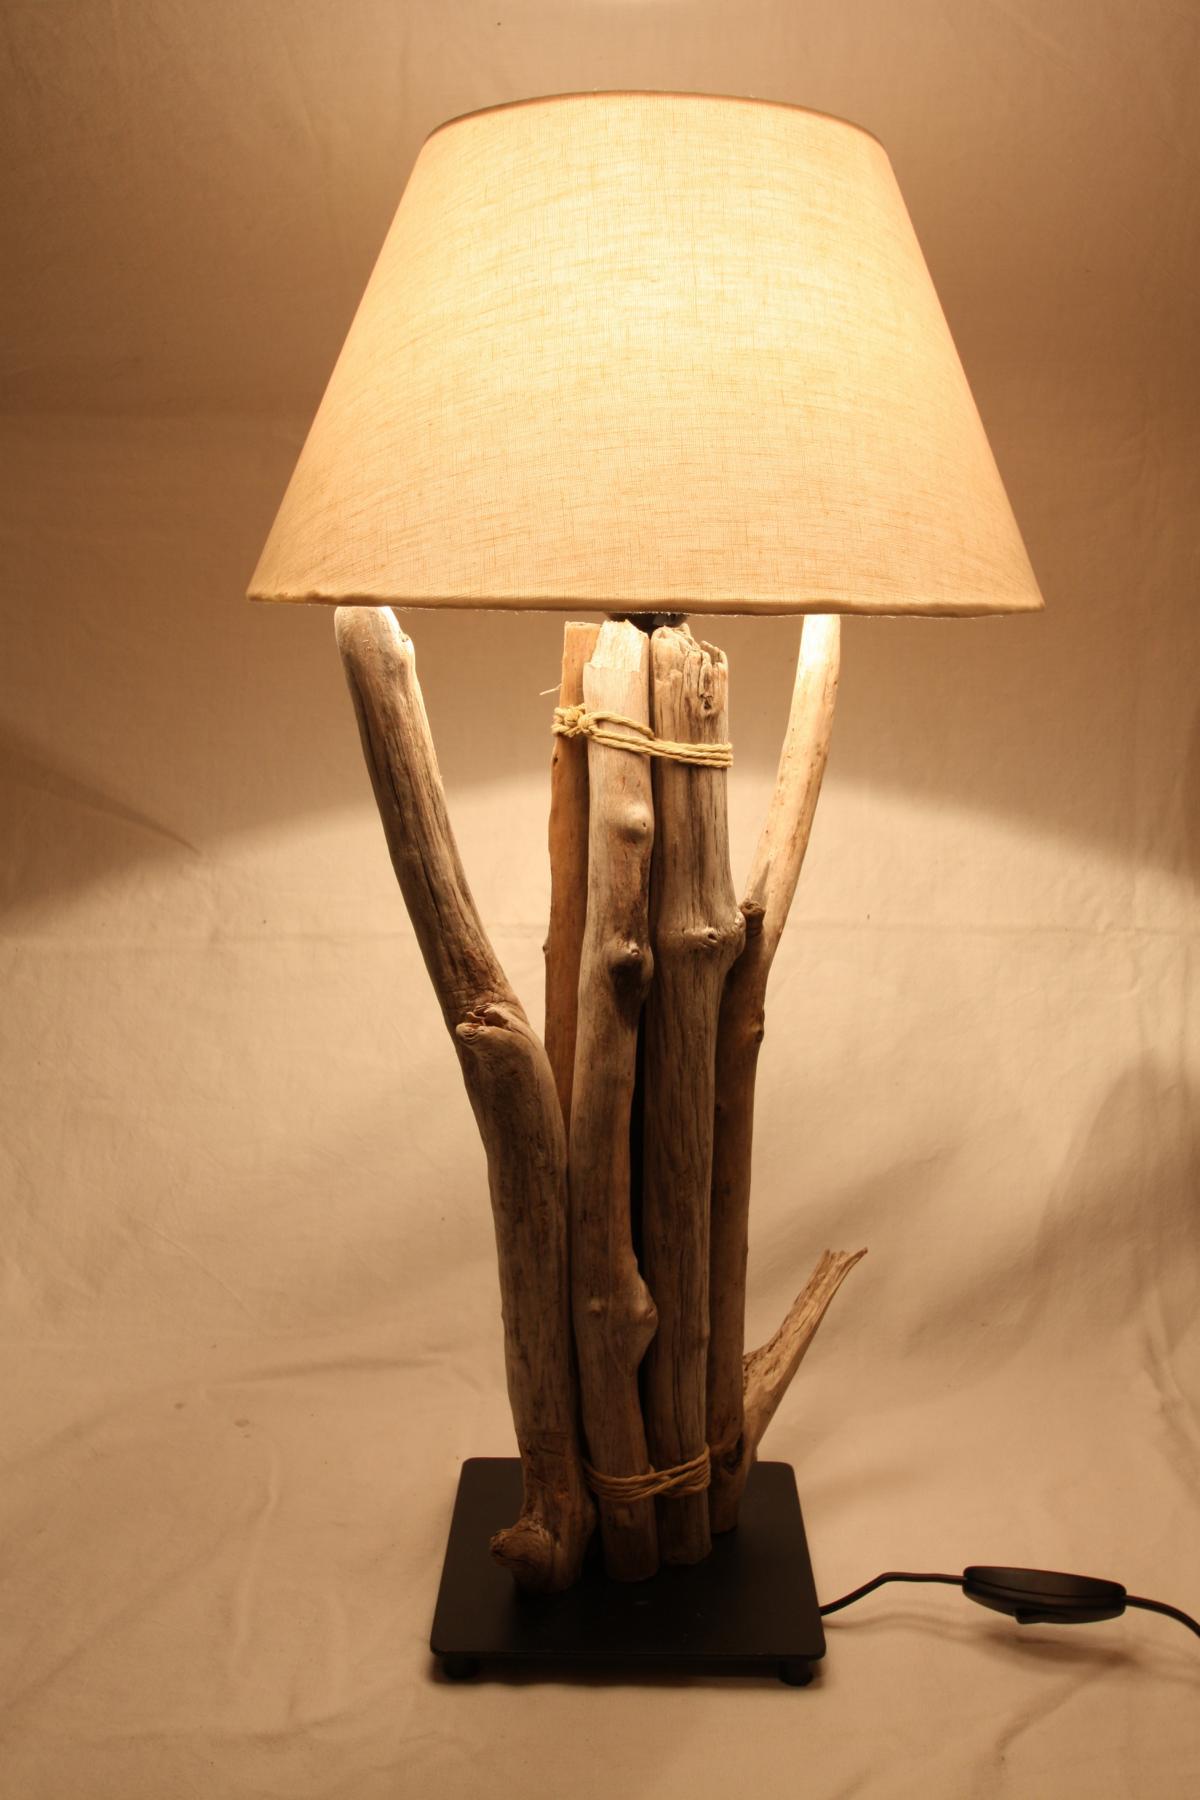 Treibholz Lampe mit Schirm  wwwtreibholzbodenseede  Tischlampe Unikat